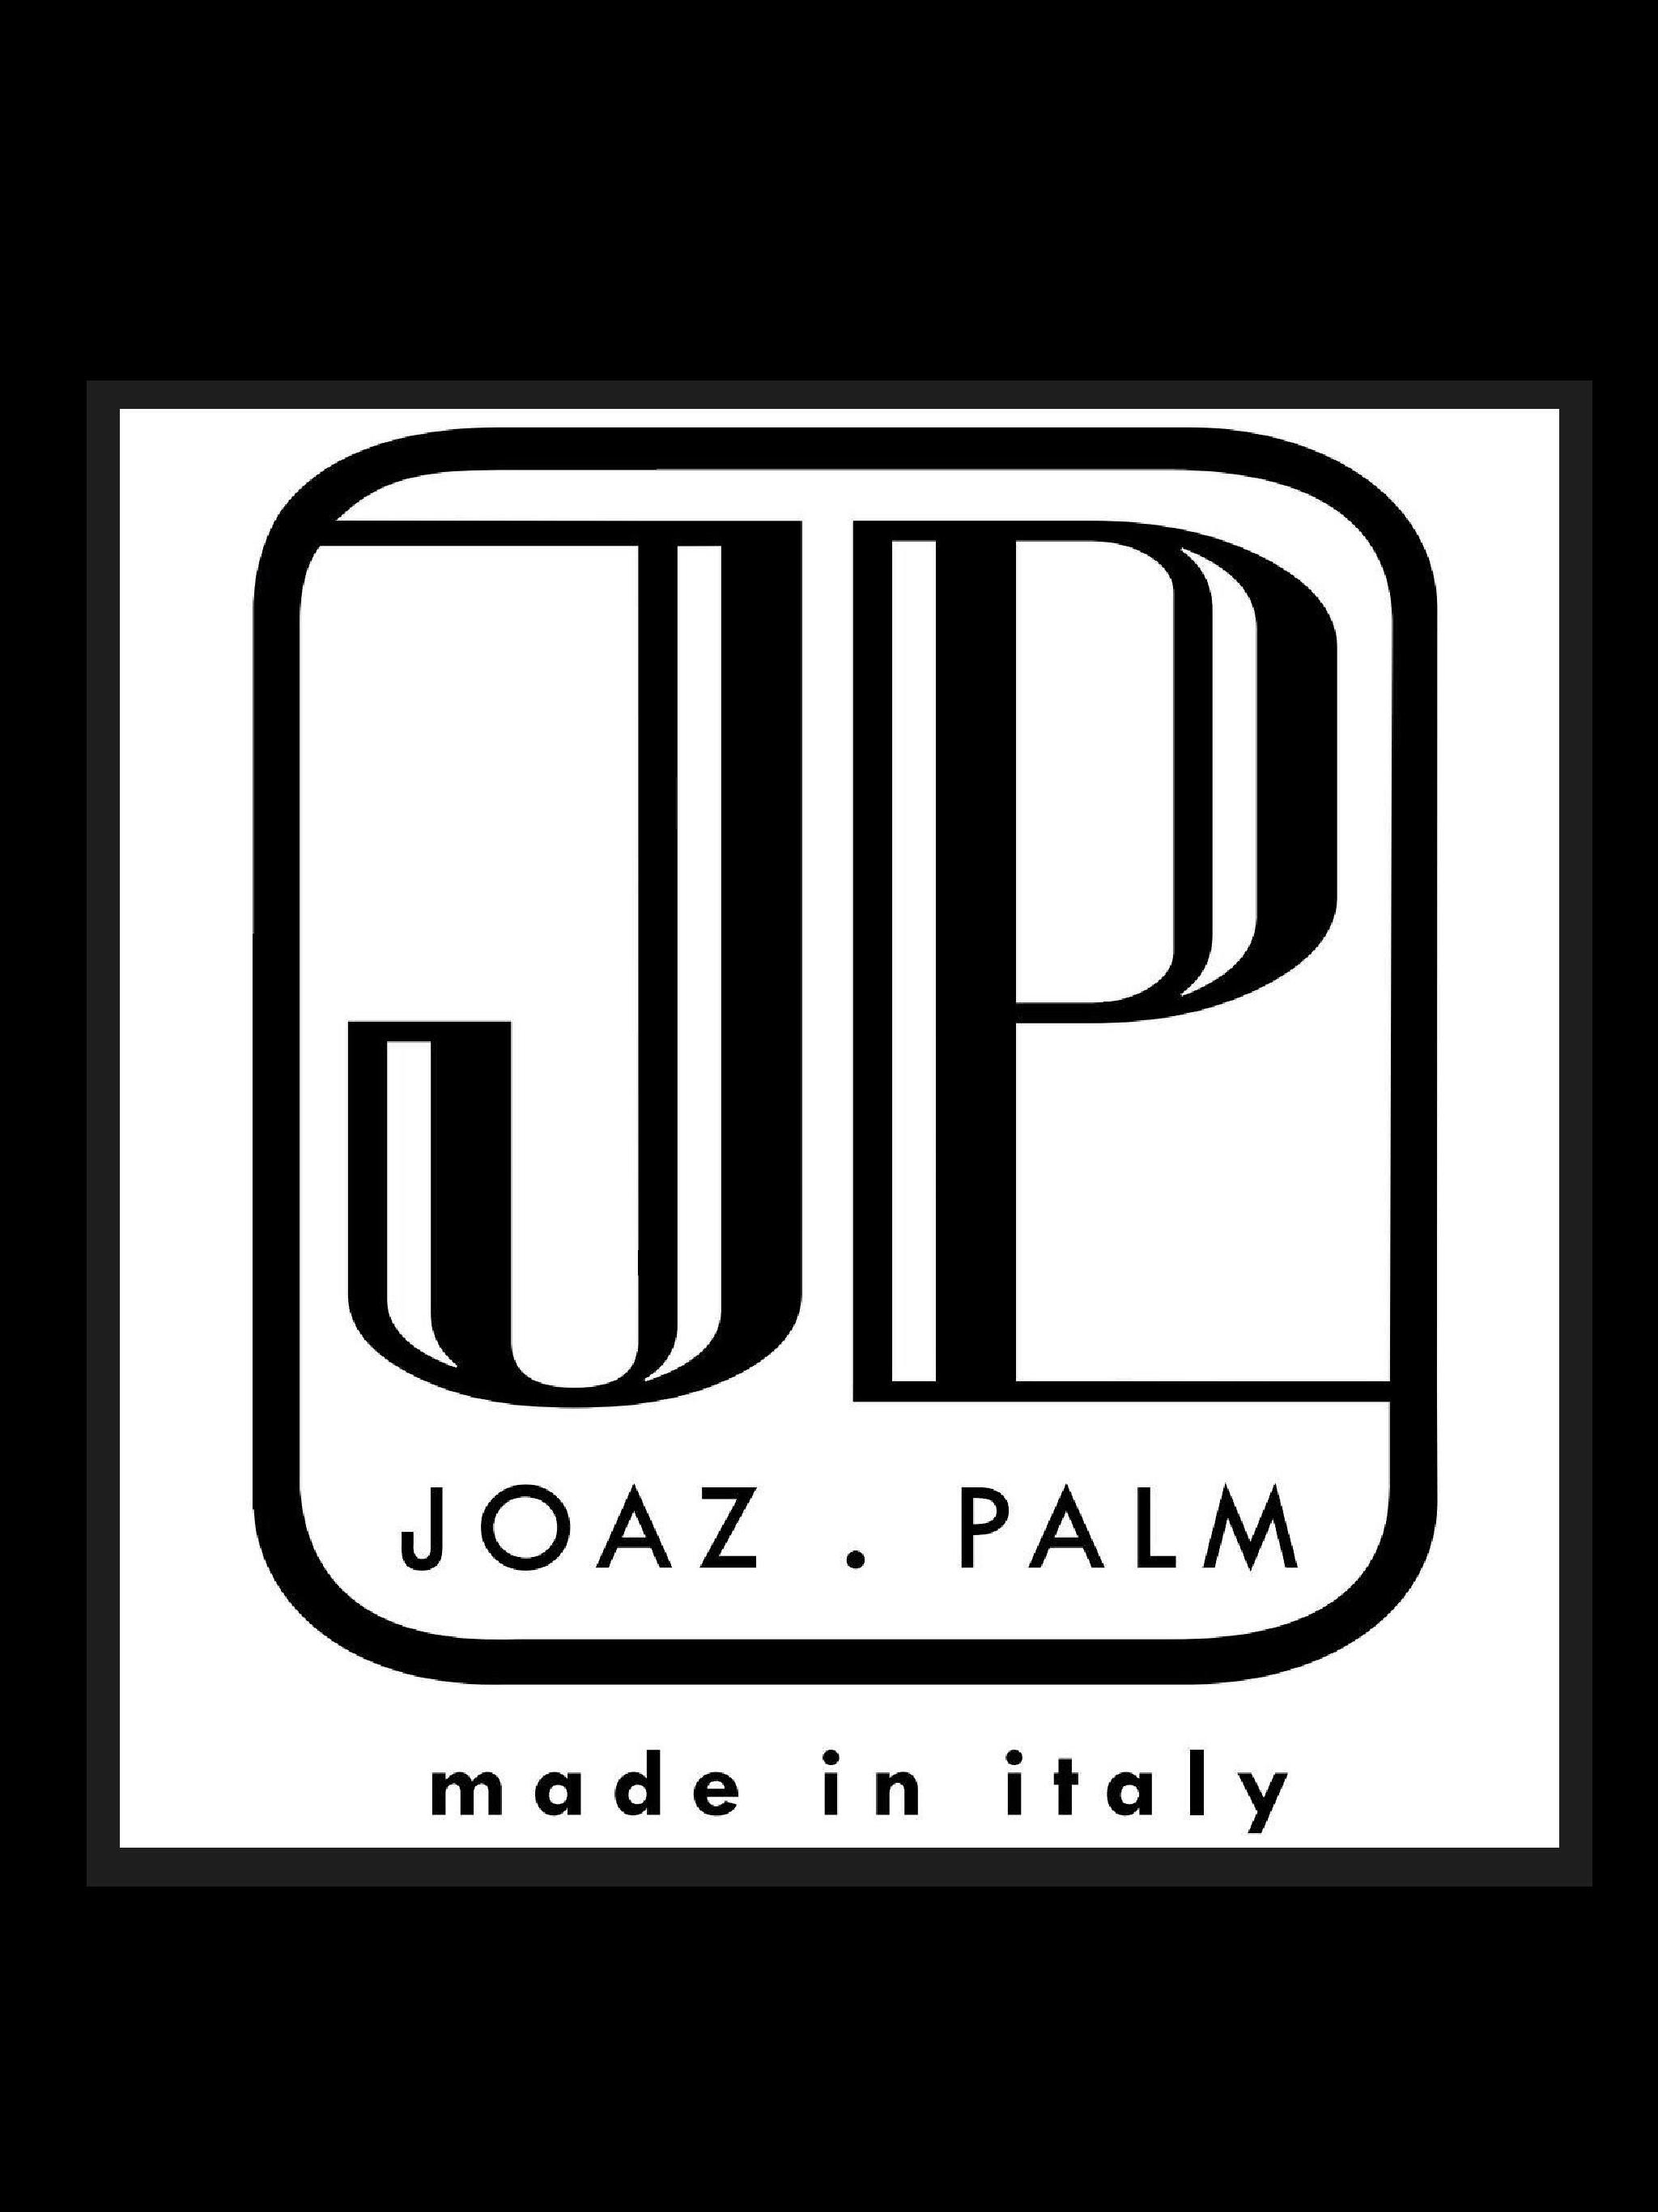 Joaz.Palm